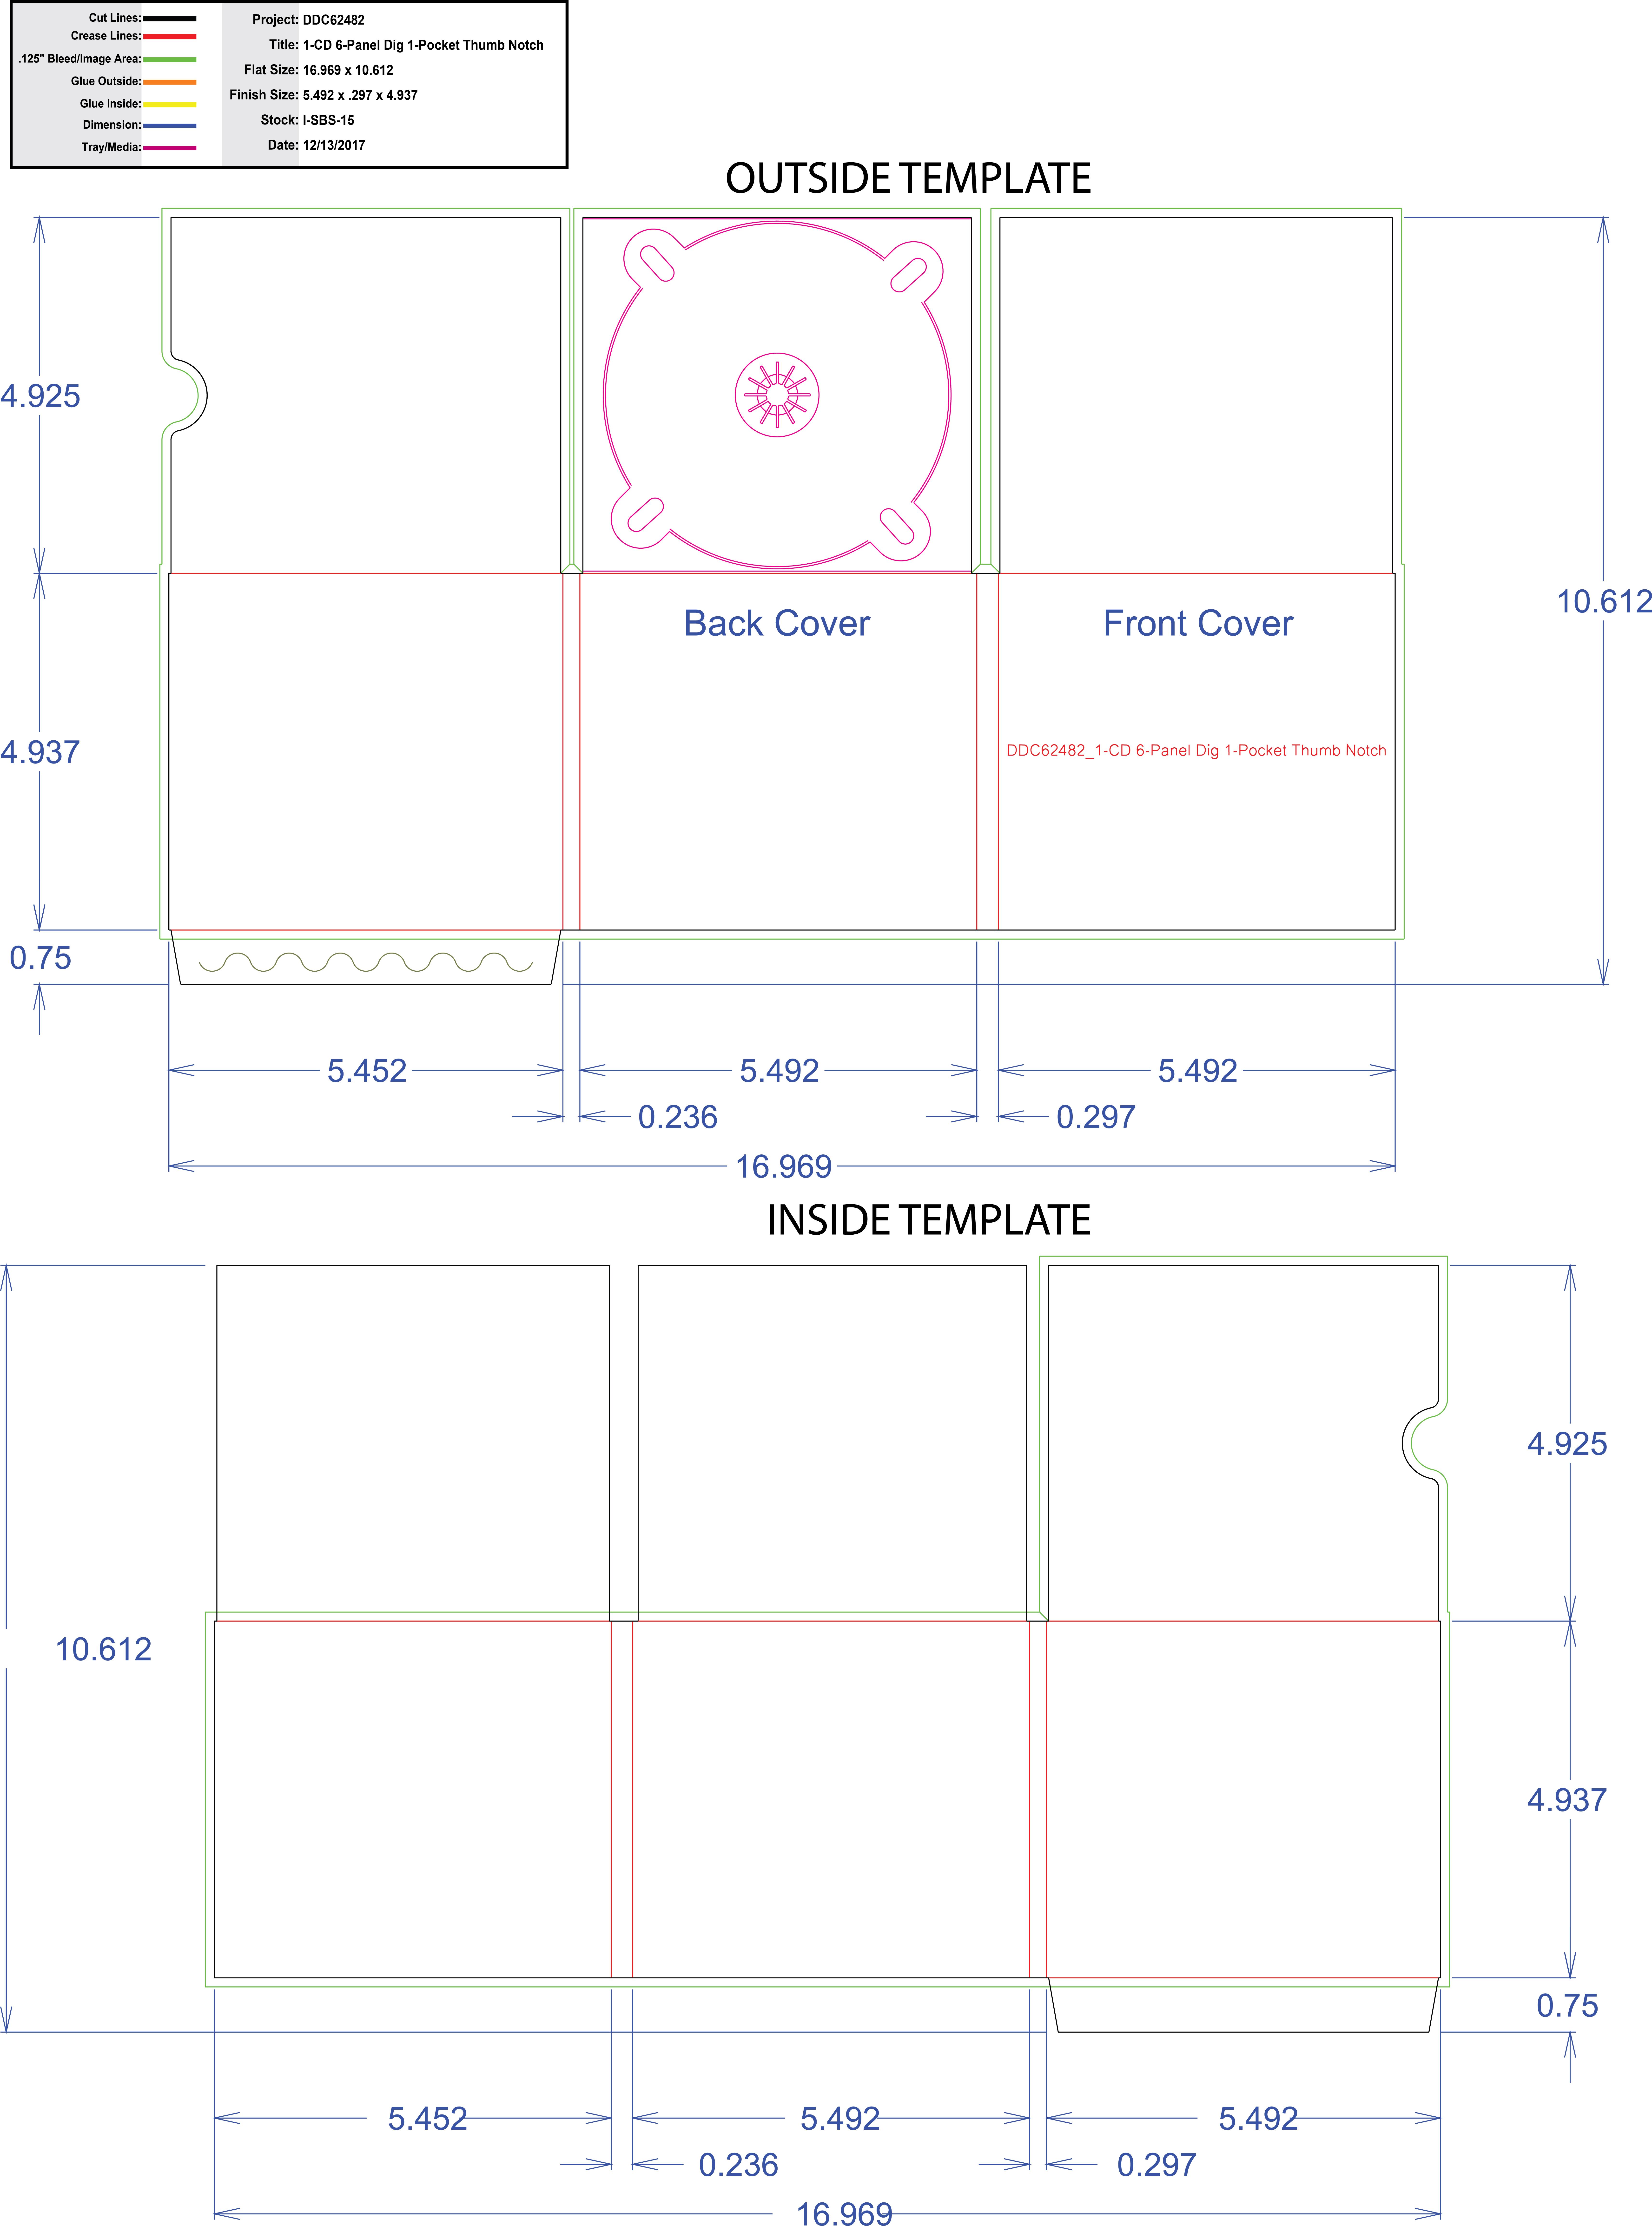 DDC62482 6 Panel Digi 1 Tray, Notch